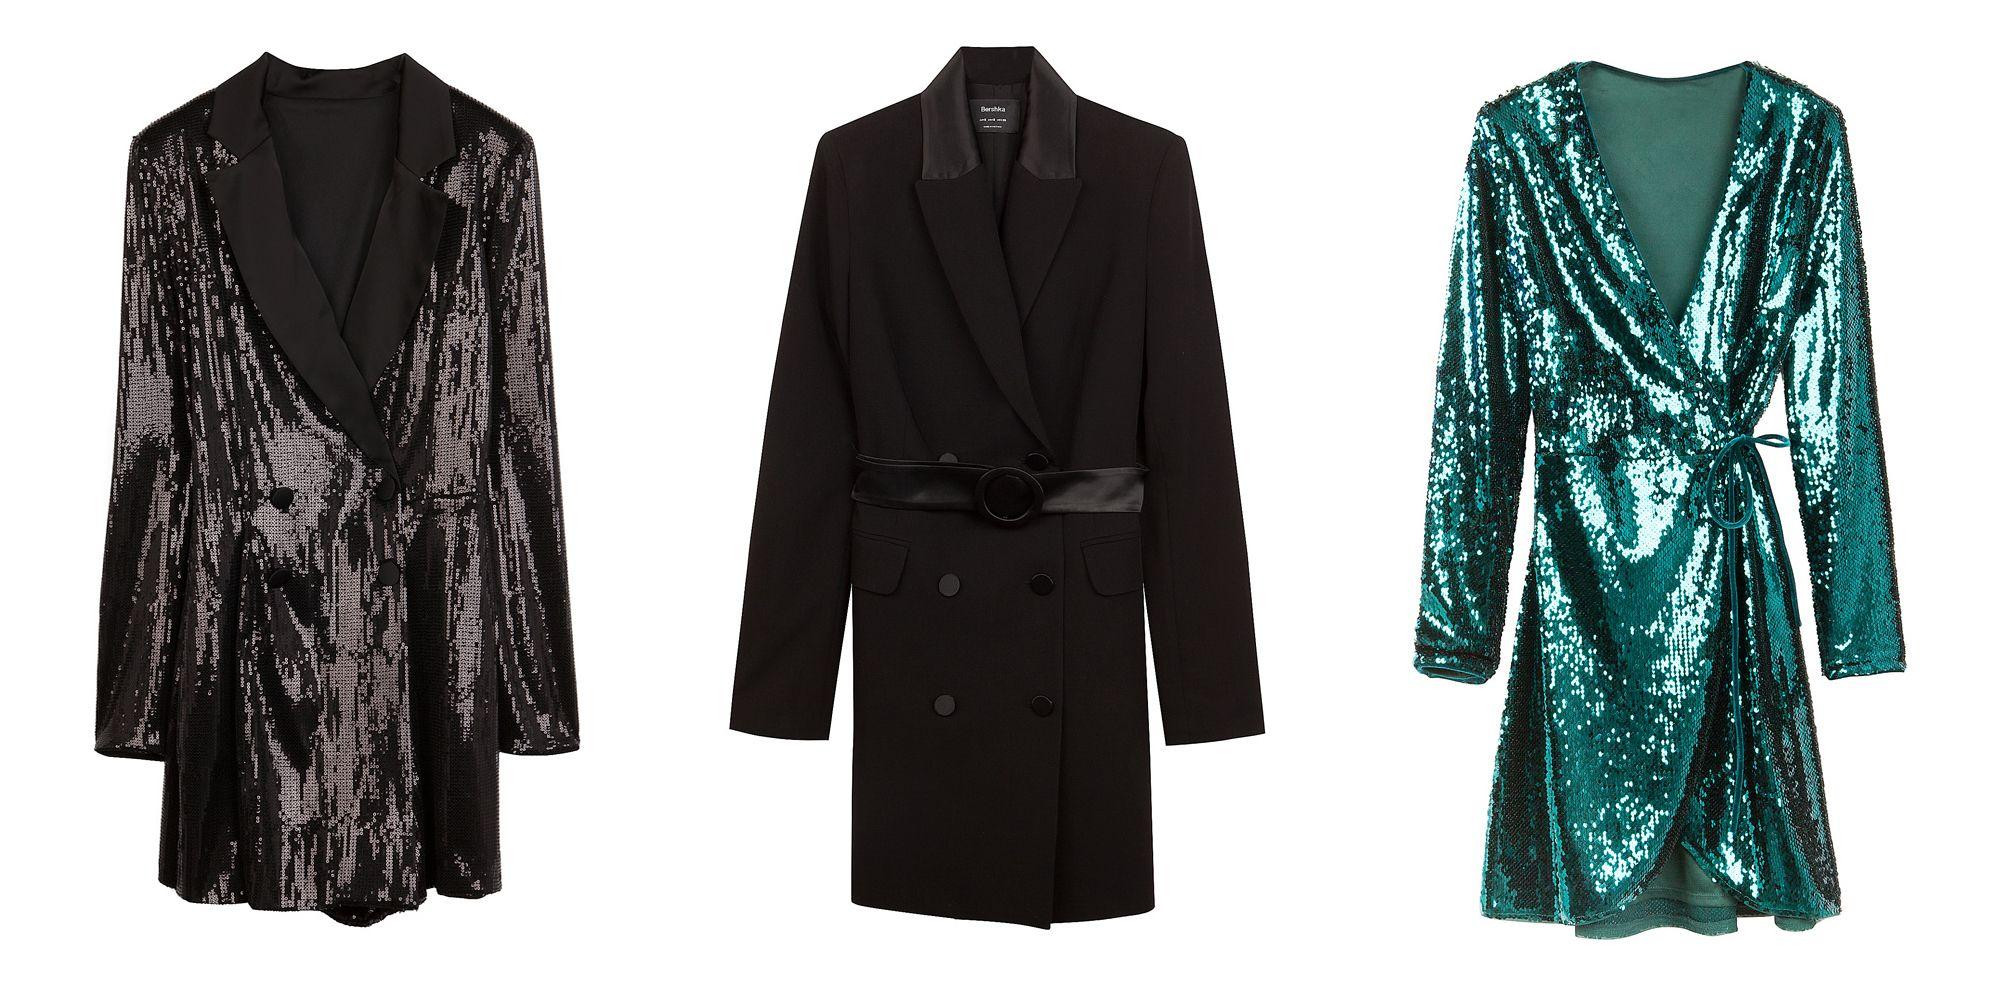 2ae174a8b2a4b Bershka saca su colección de vestidos de fiesta más espectacular y para  todos los estilos